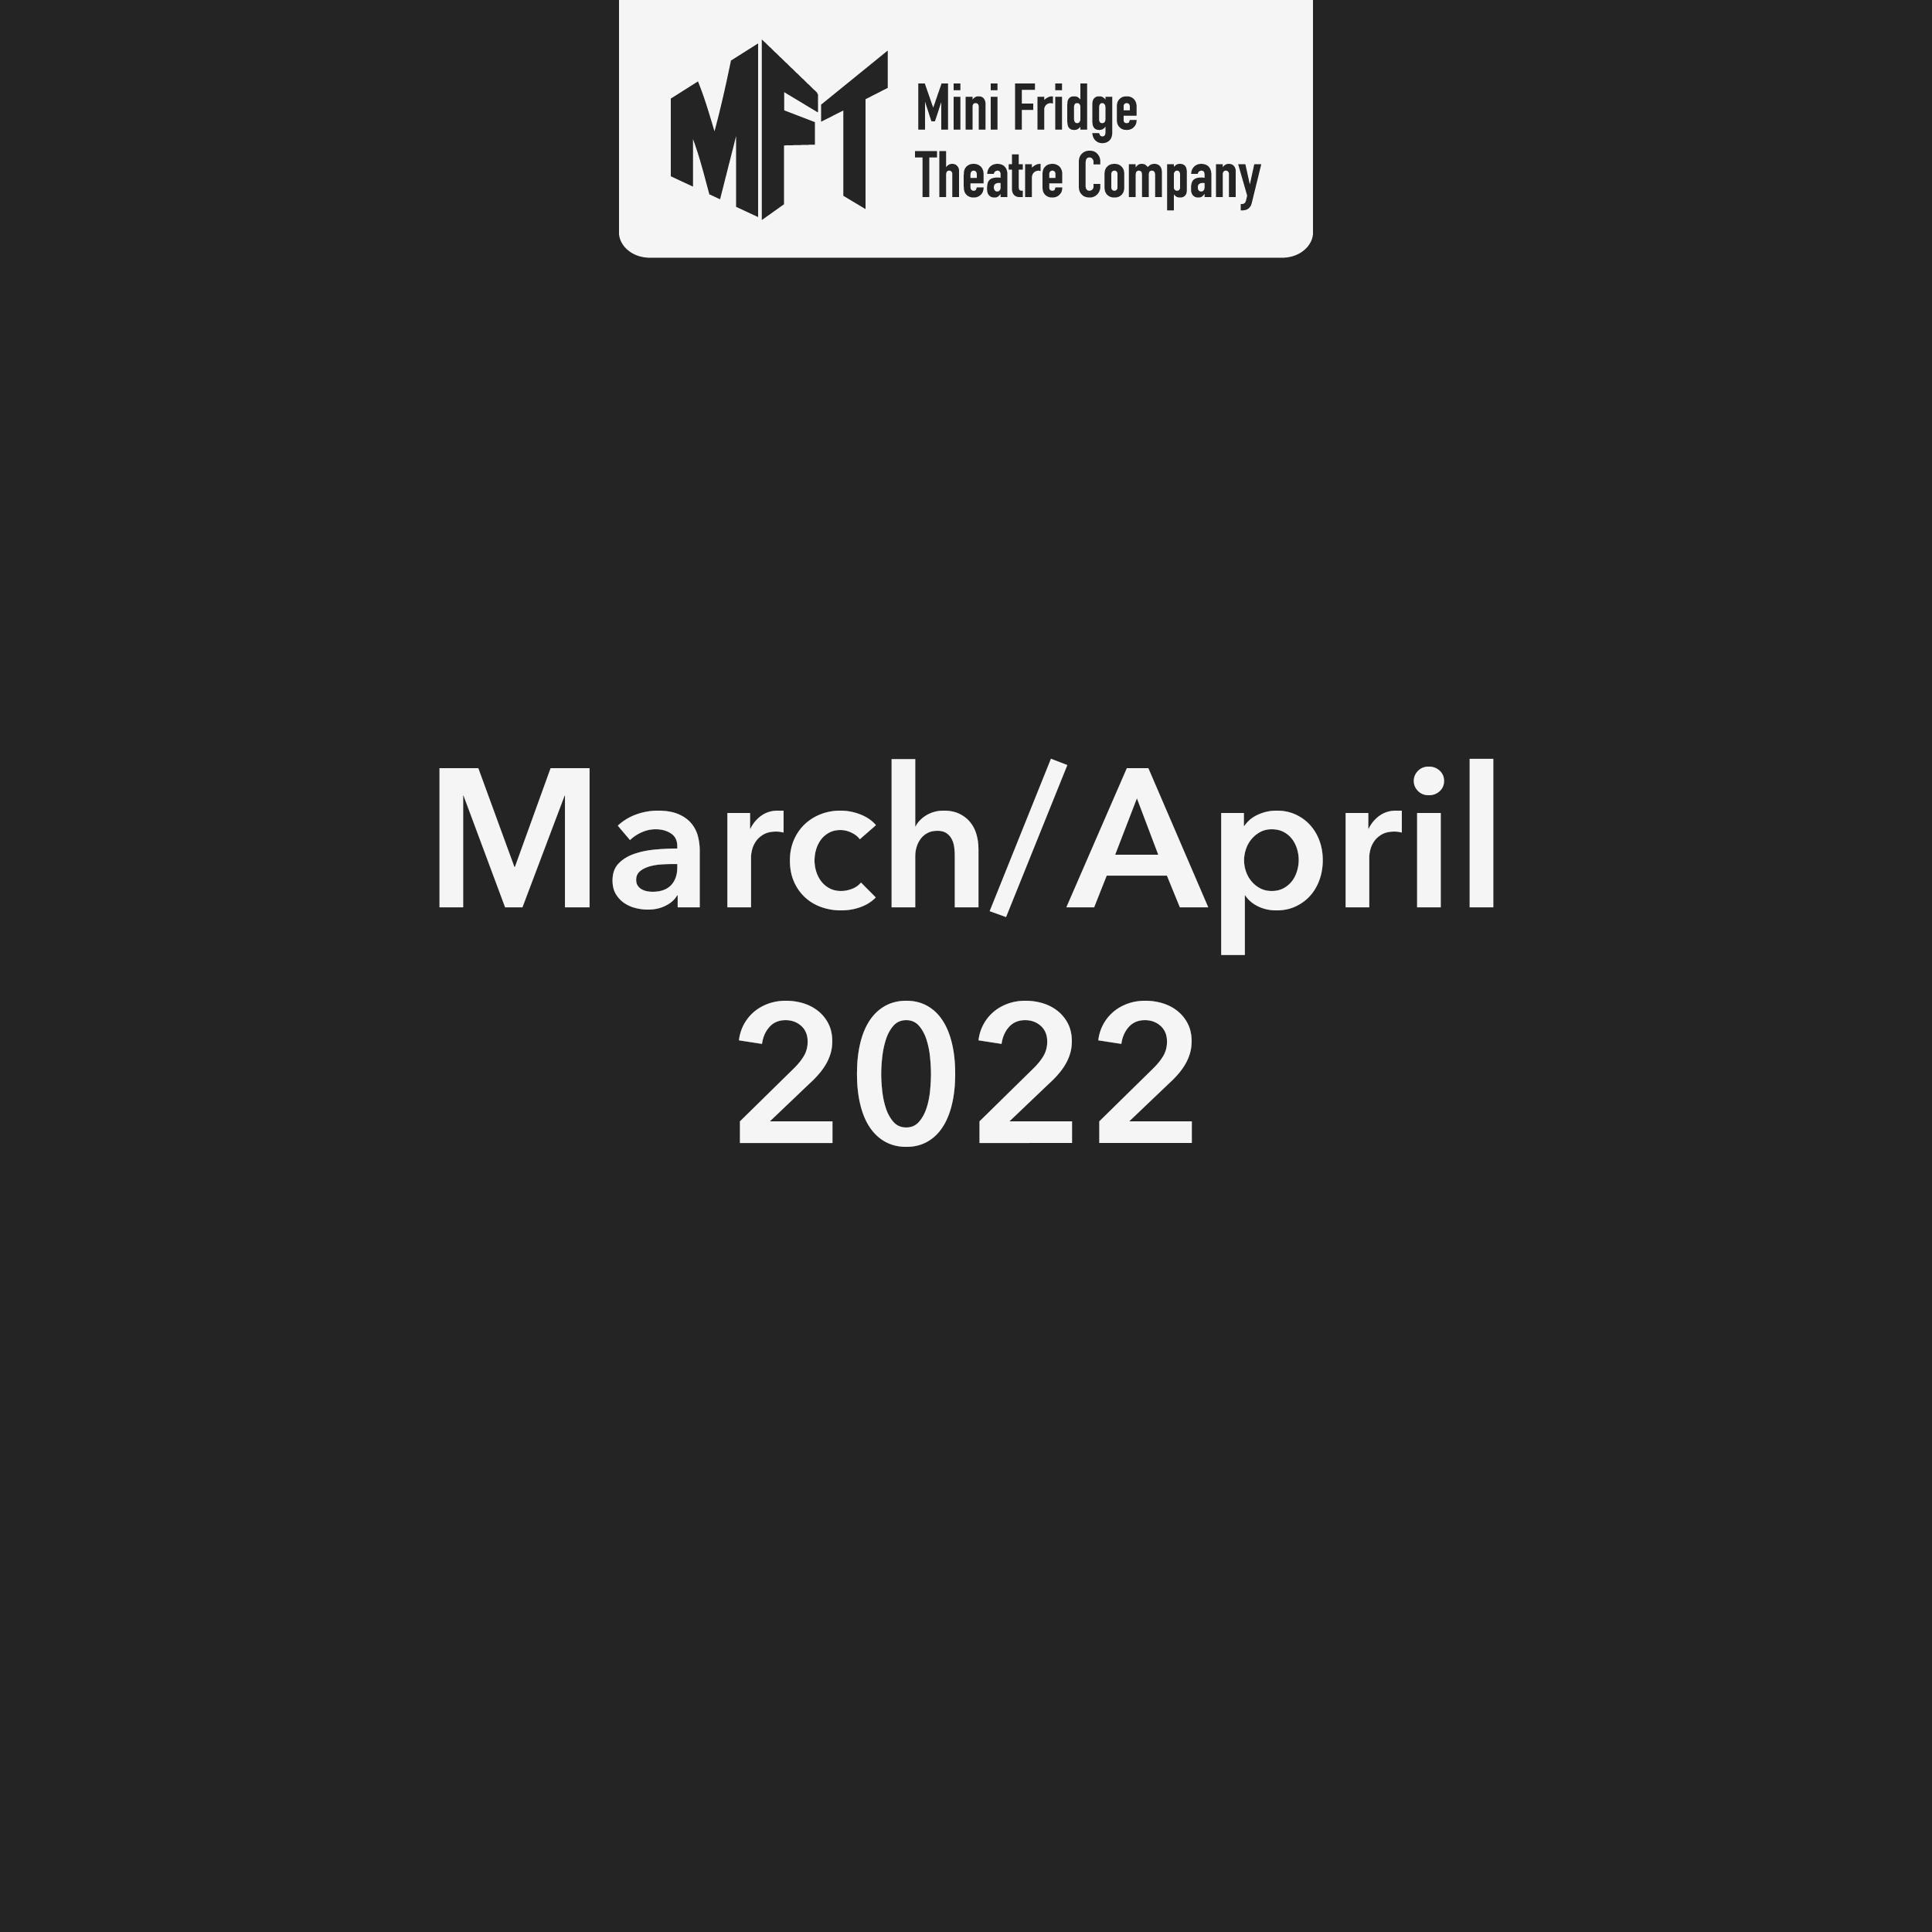 March-April 2022 Show Placeholder